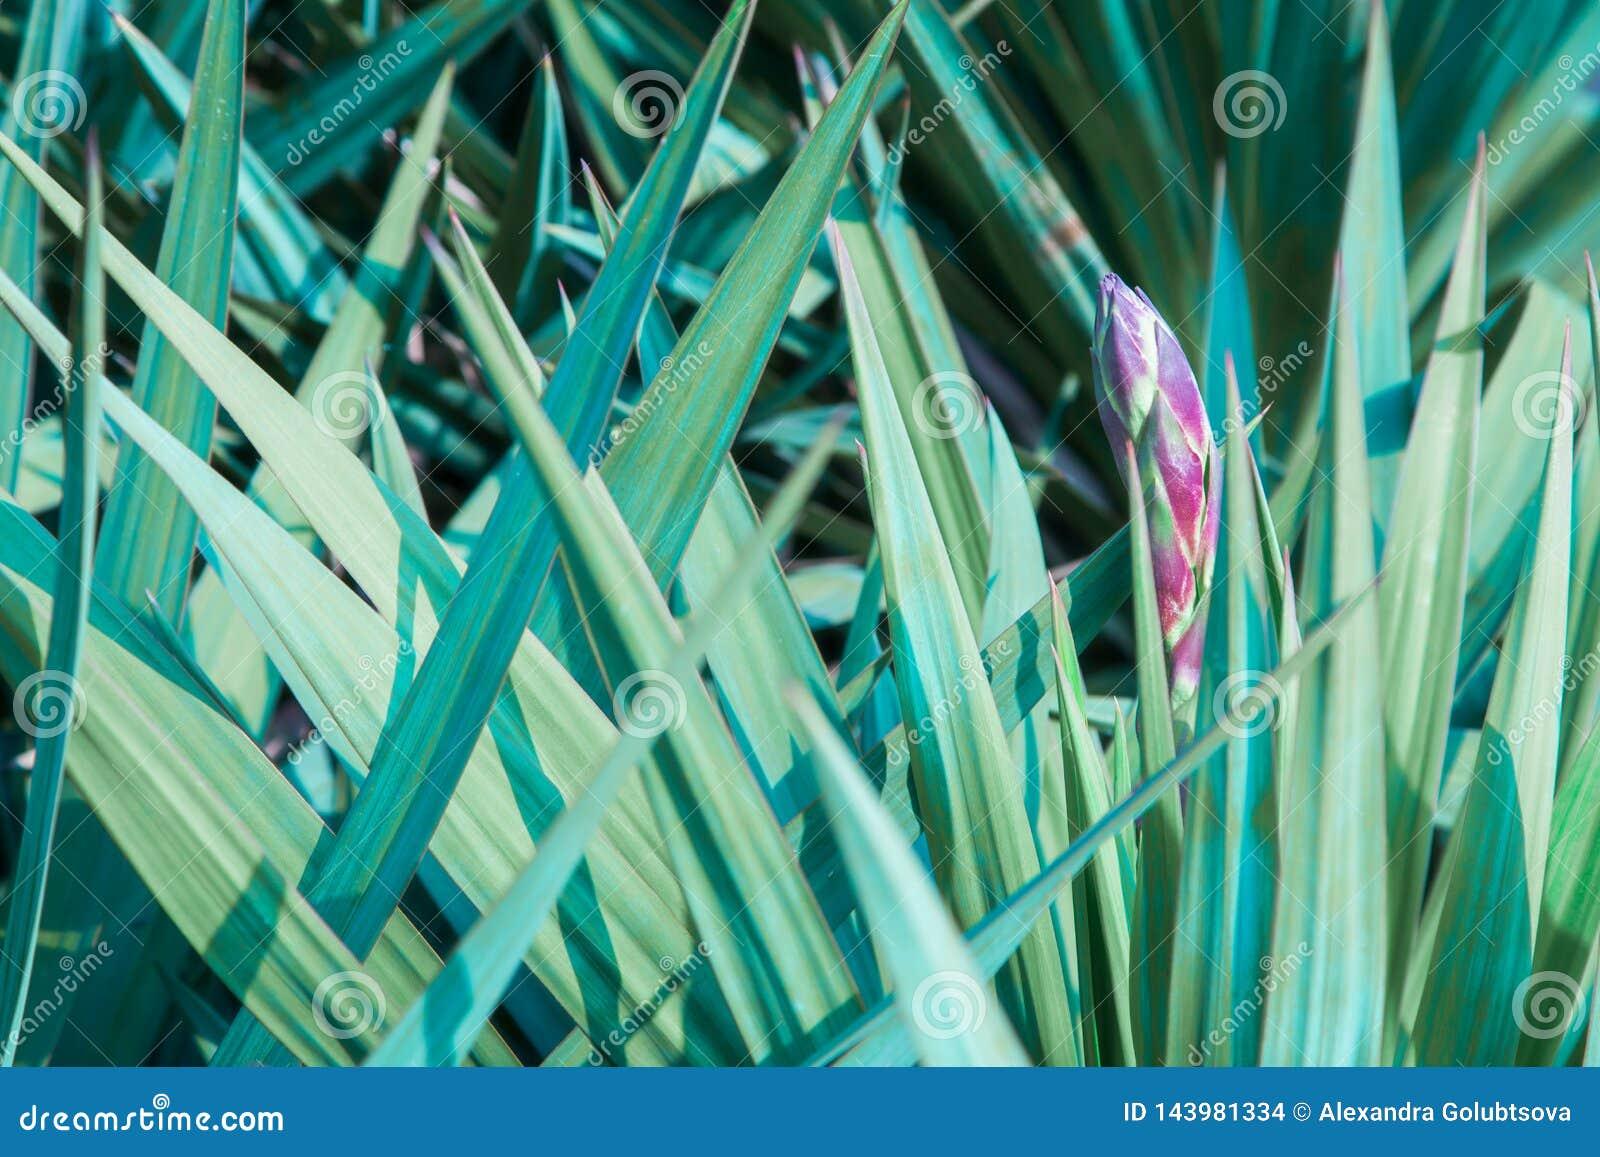 Grüne Palmblätter und Blume